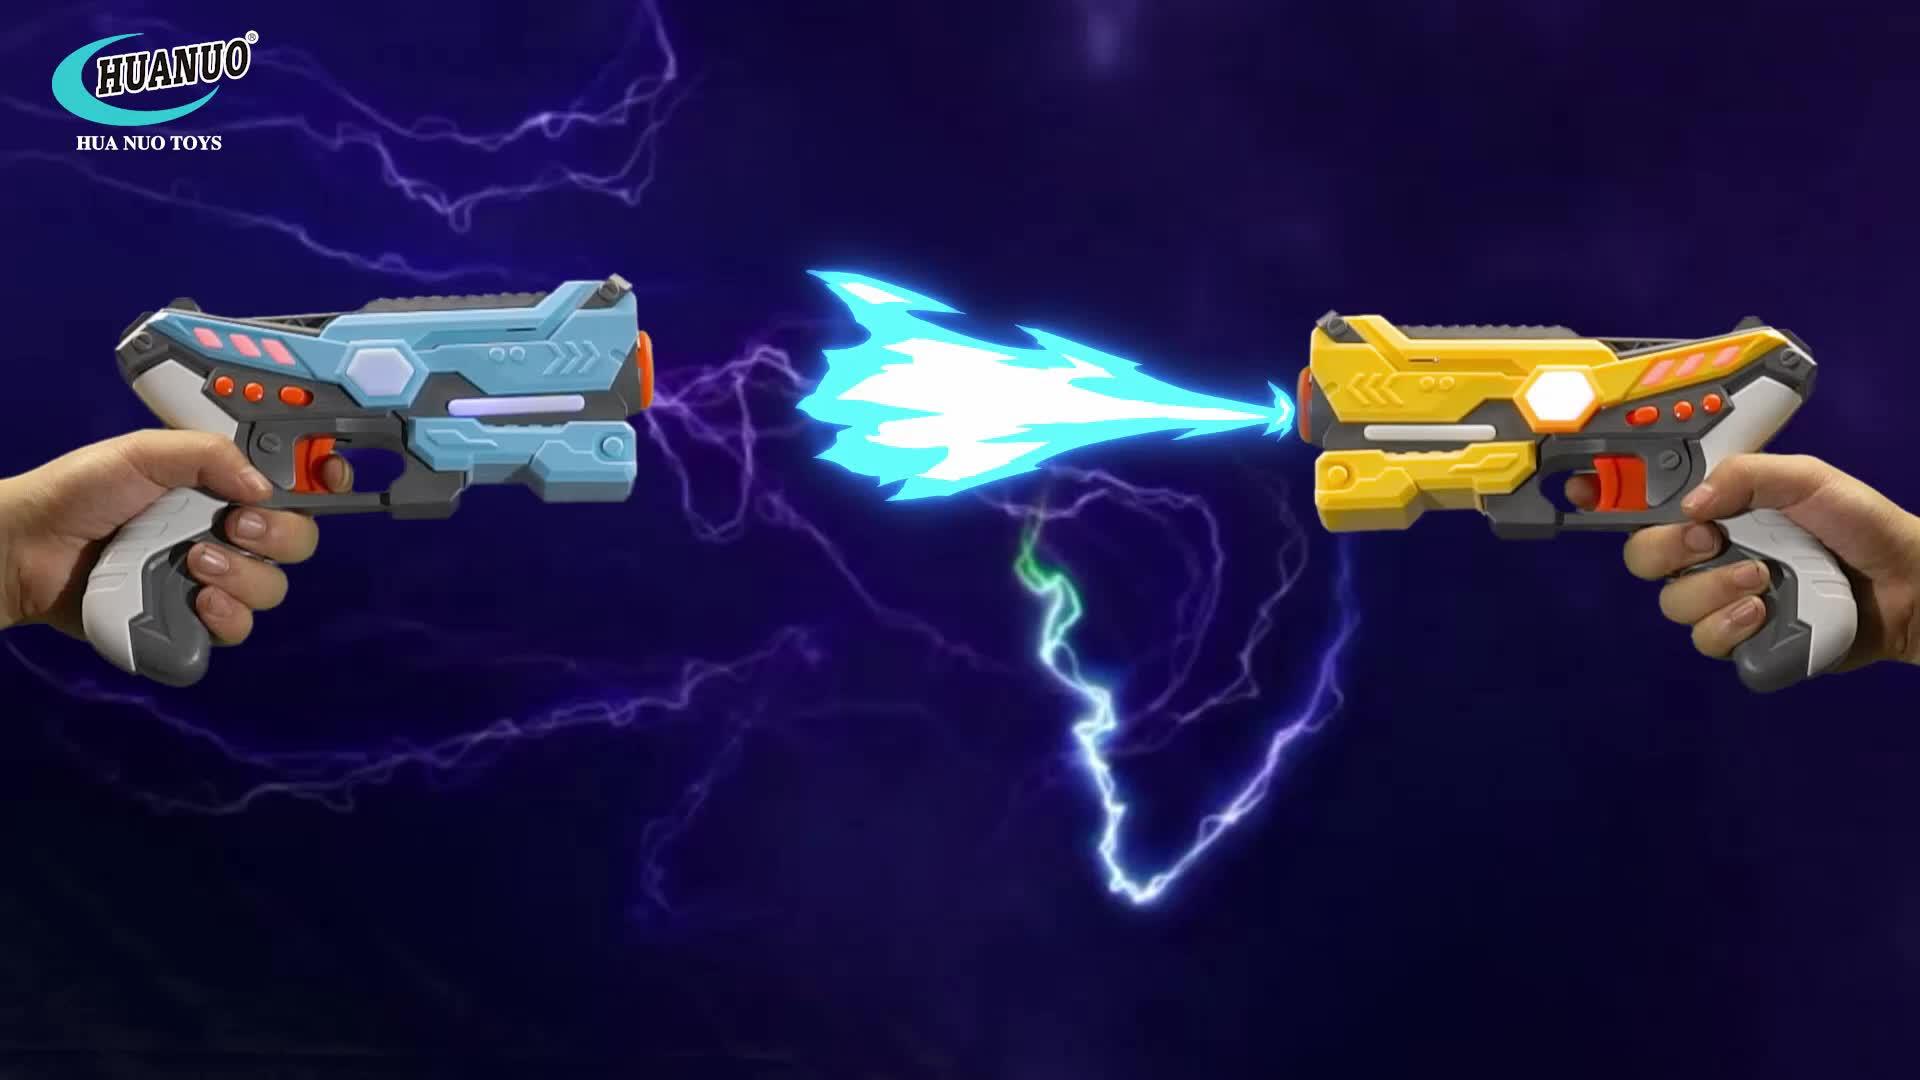 الأمازون 4 لاعبين لعبة اطلاق النار بندقية كهربائية مجموعة سترات ليزر أشعة تحت الحمراء tag مسدس لعبة